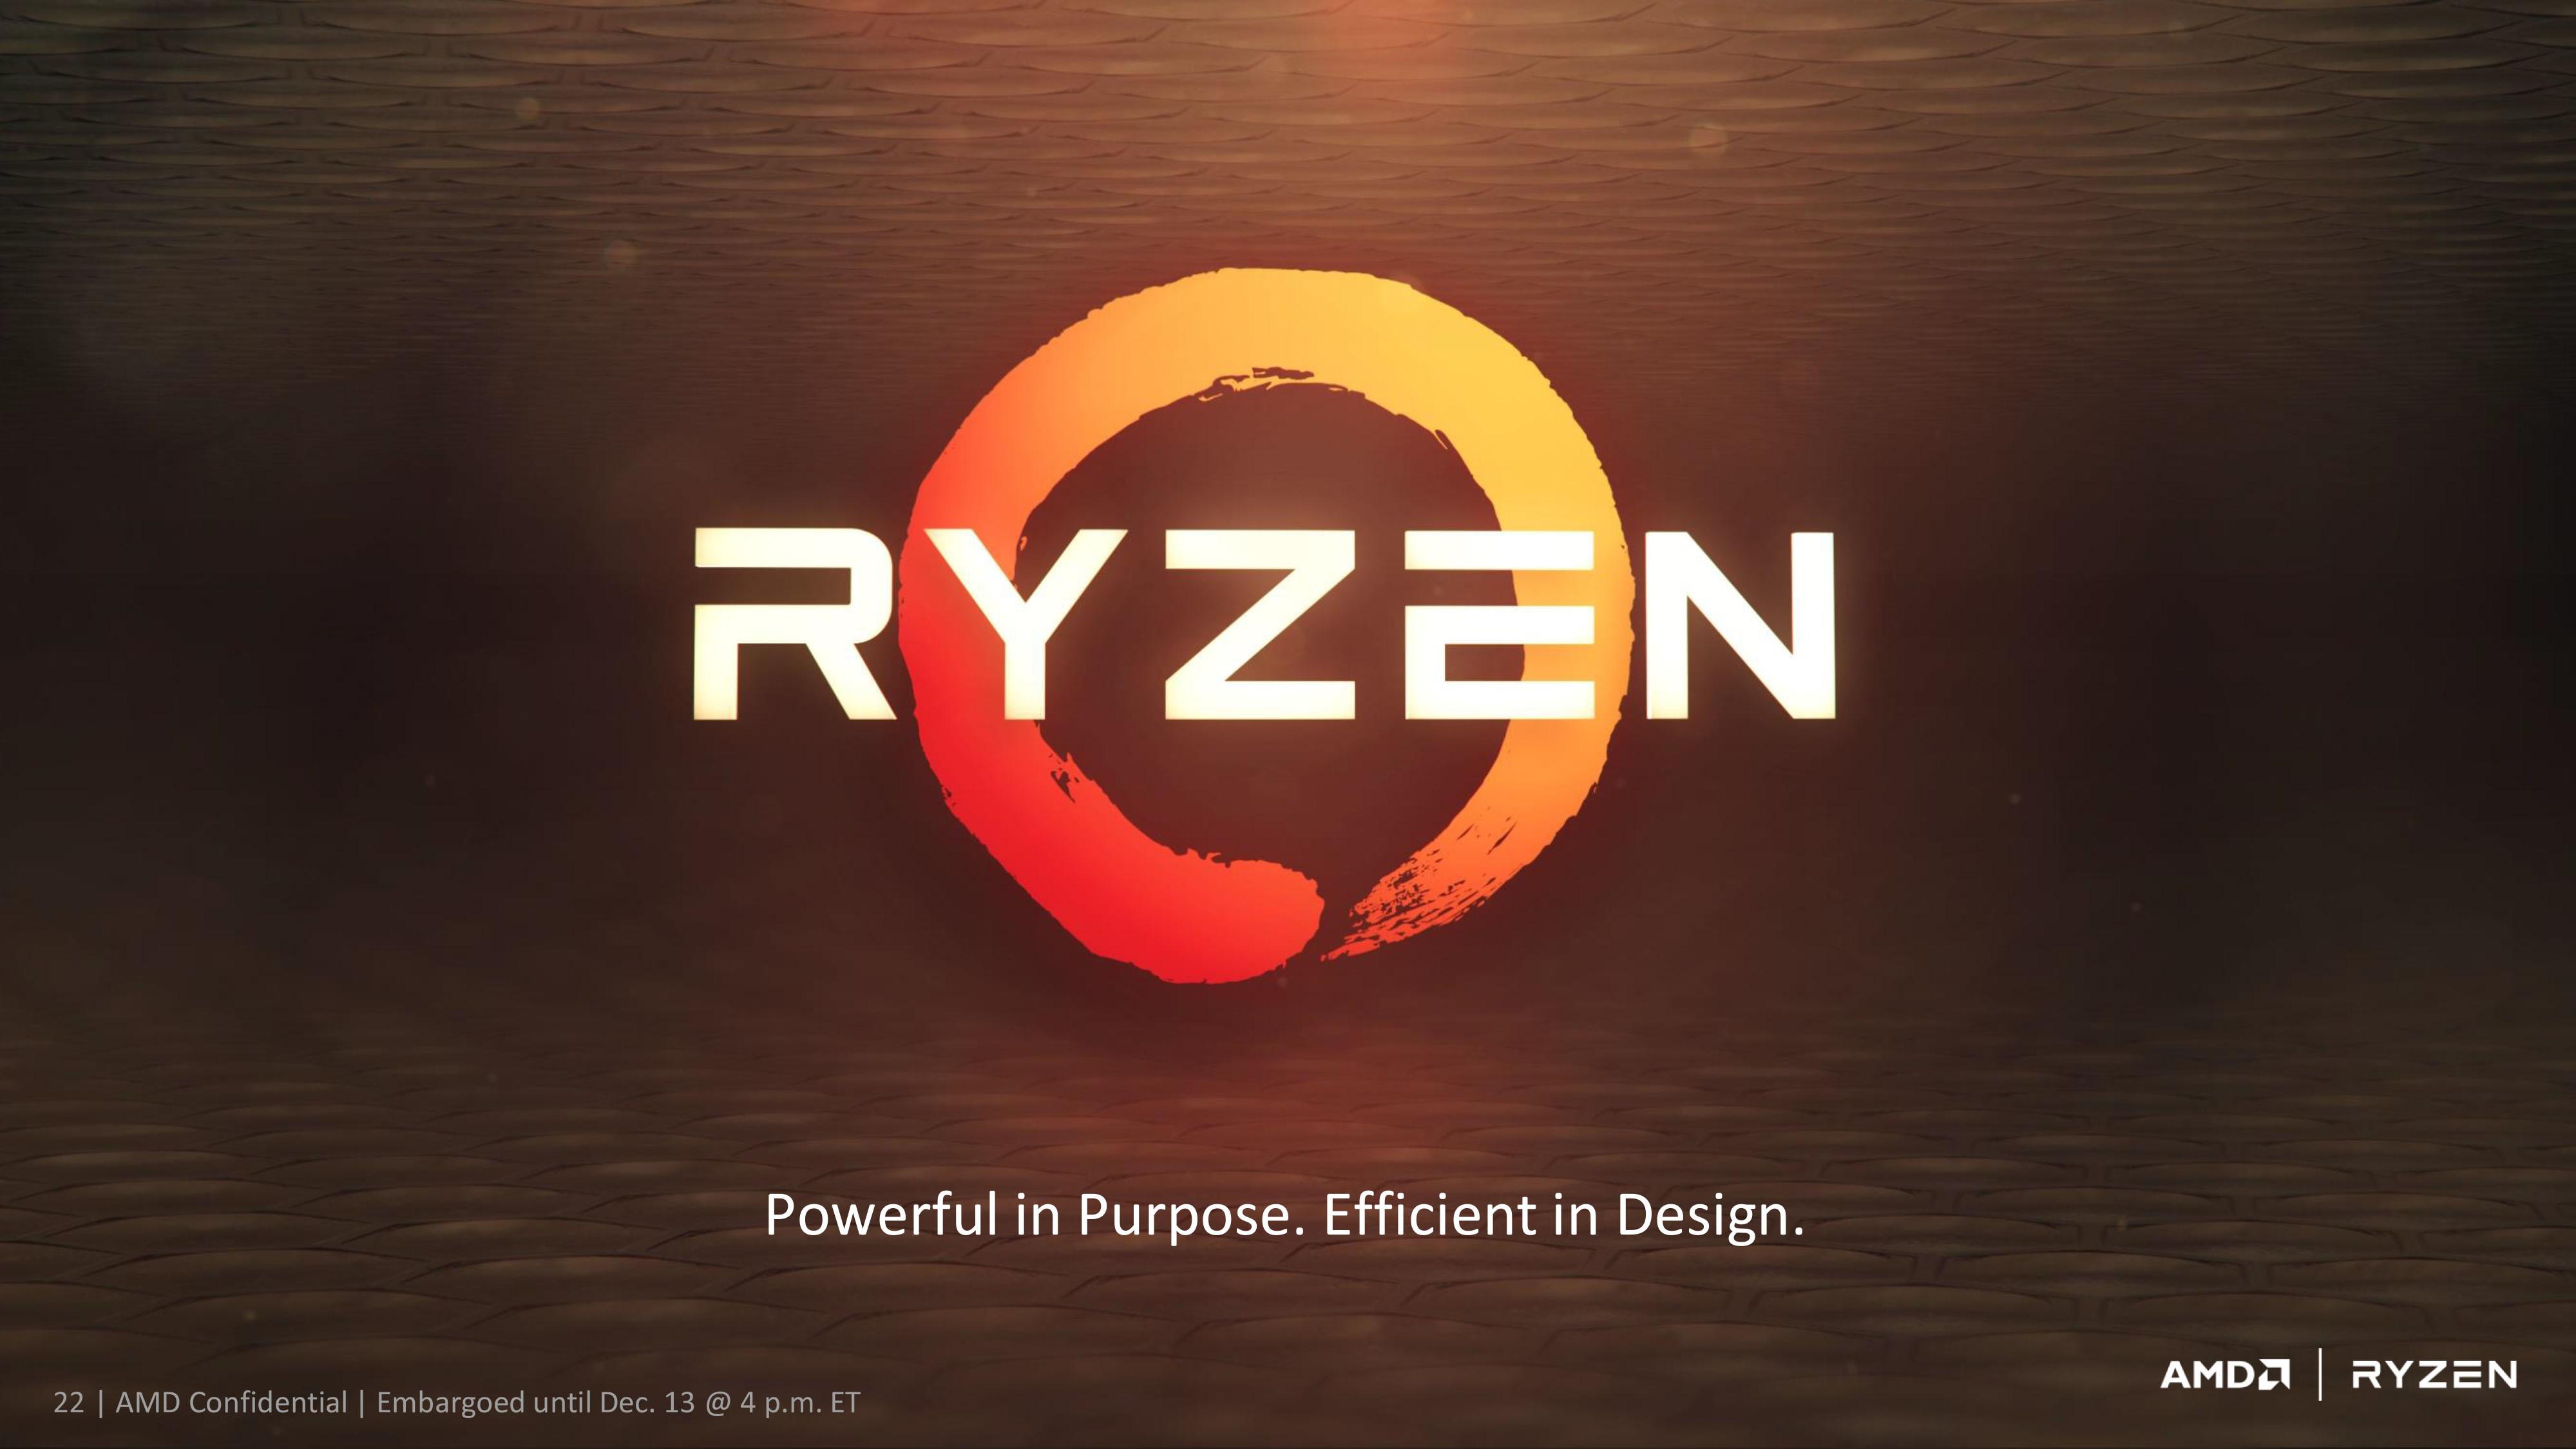 Hd wallpaper zen - Amd Ryzen Demo Event Beats 1 100 8 Core I7 6900k With